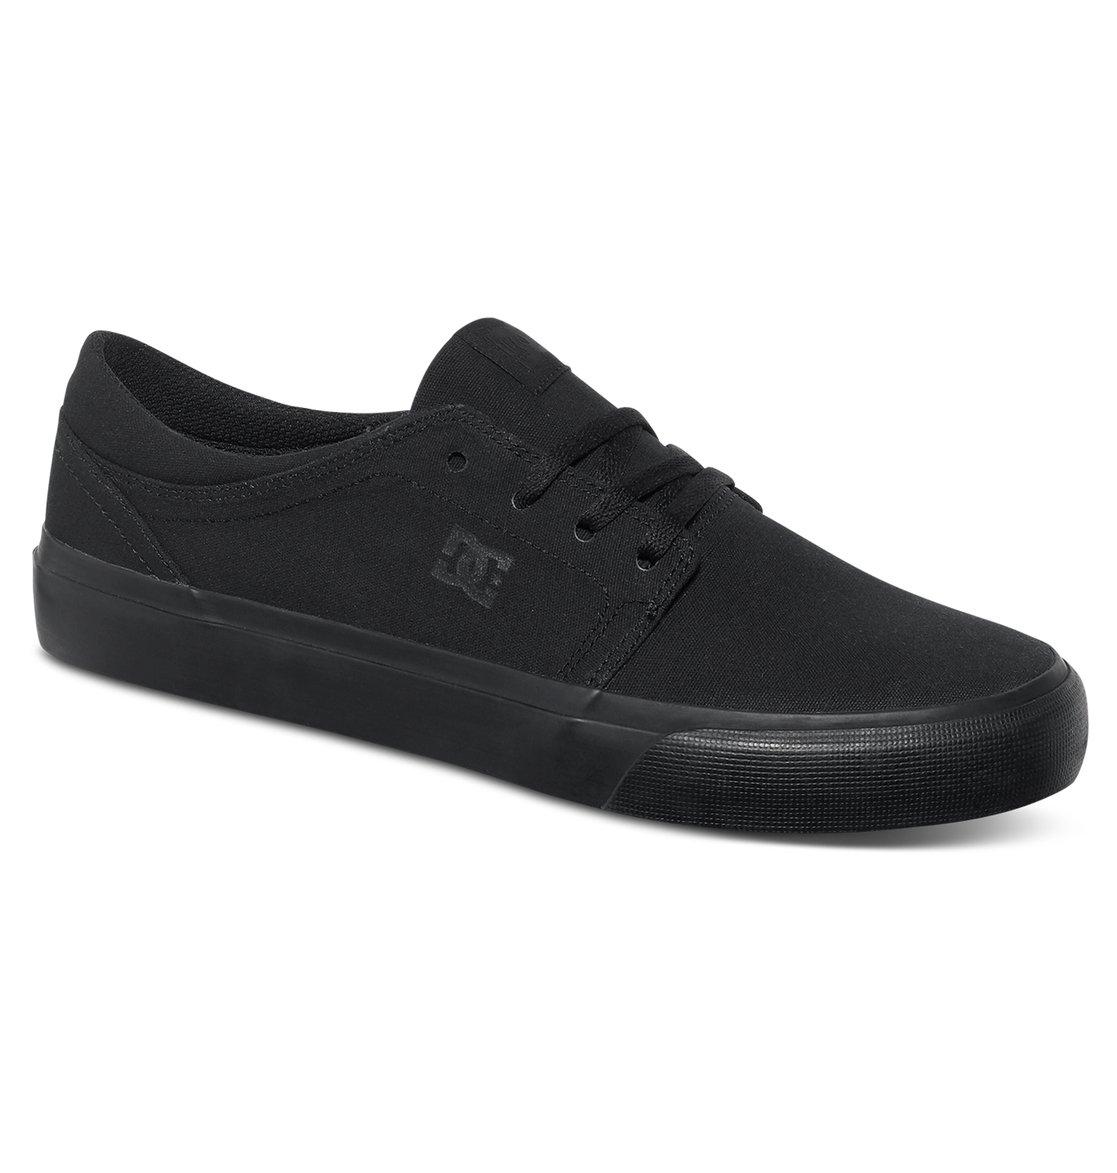 DC ShoesTASE TX - Trainers - black/battleship LktUgxg